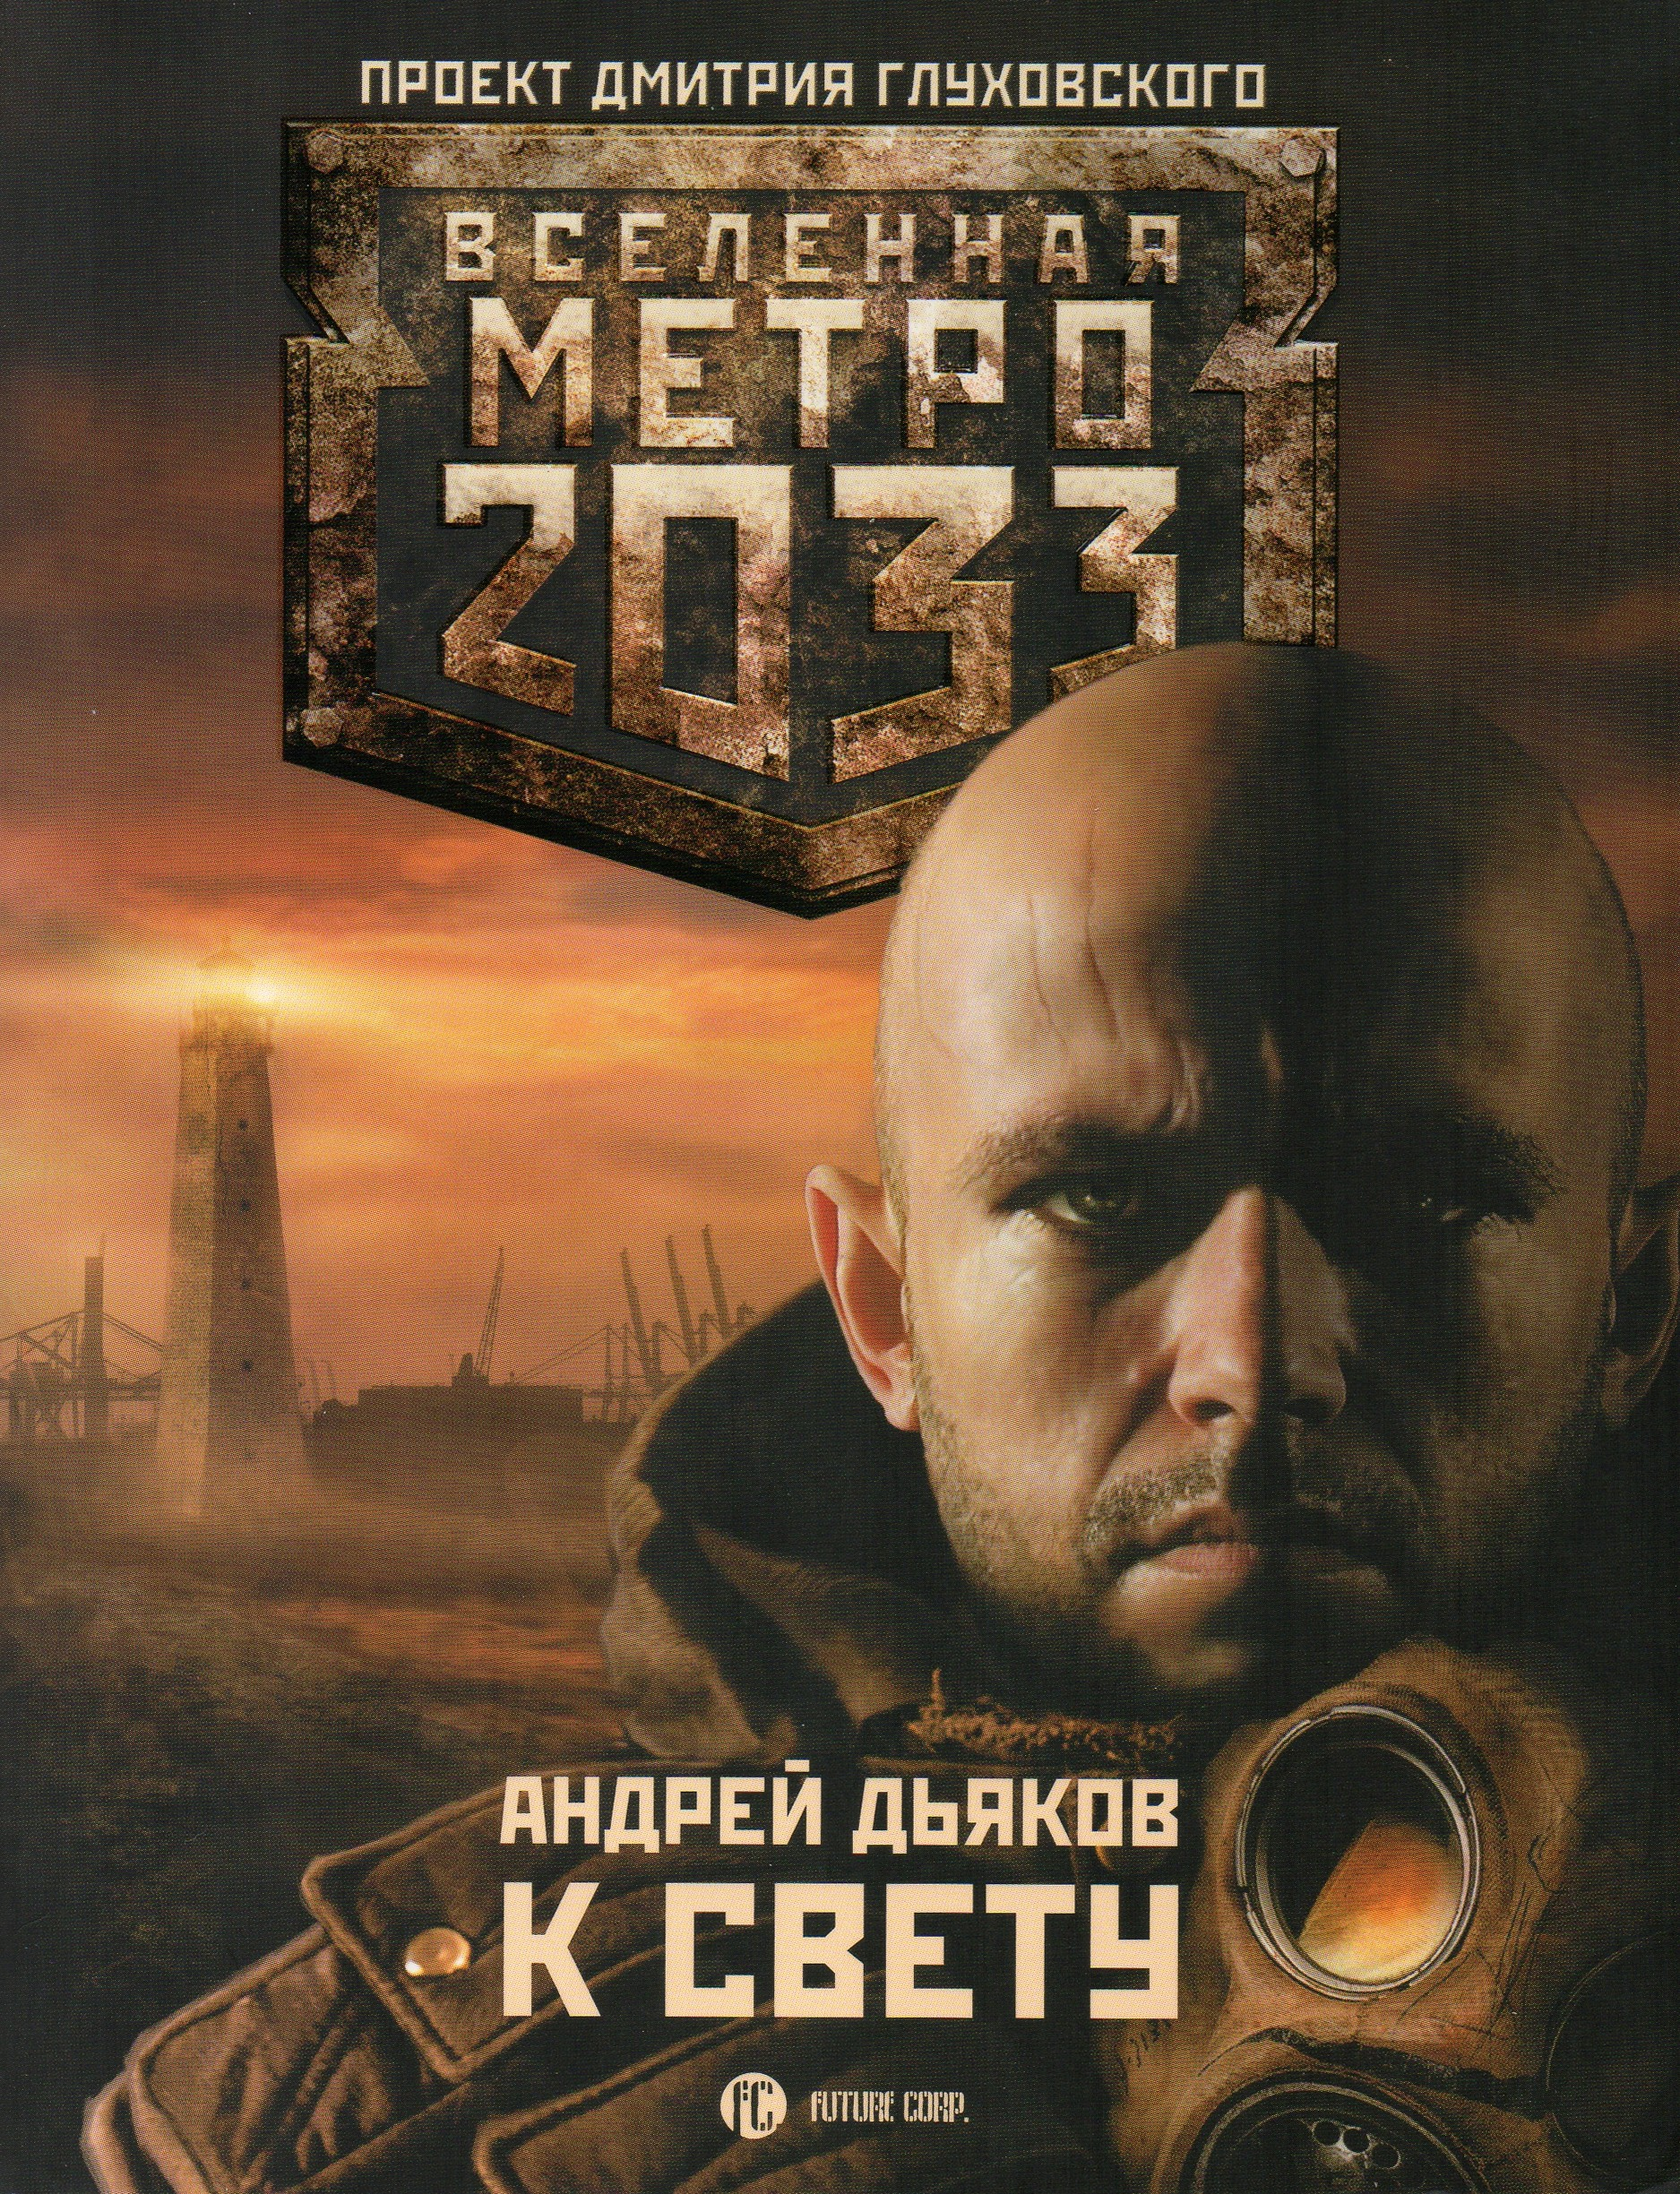 Читать список вселенная метро 2033